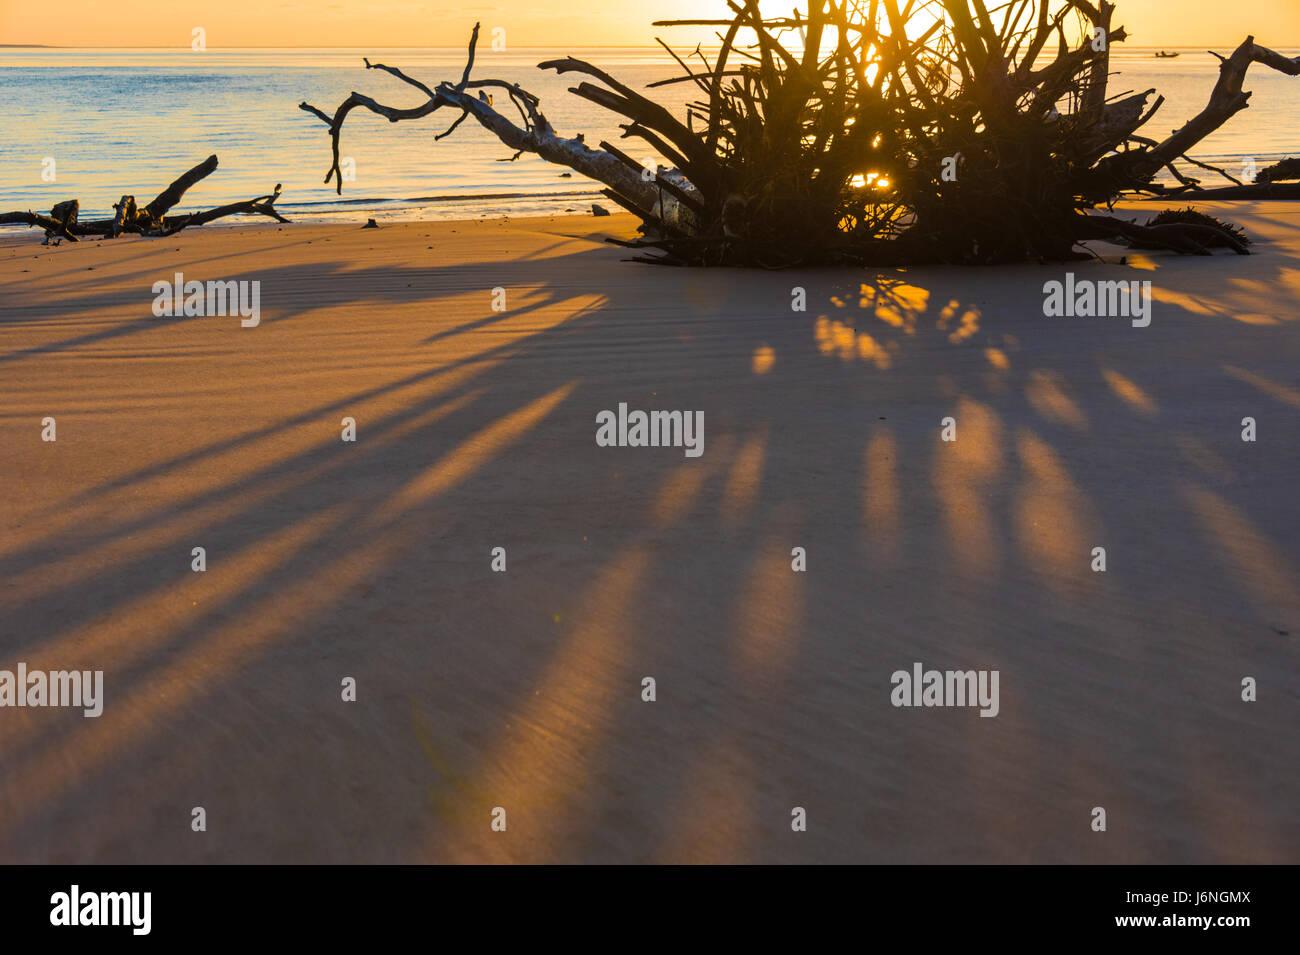 Driftwood radici gettato ombre lunghe in un colorato sunrise mattina al cimitero in spiaggia a nord-est della Florida la grande Talbot Island State Park. Foto Stock